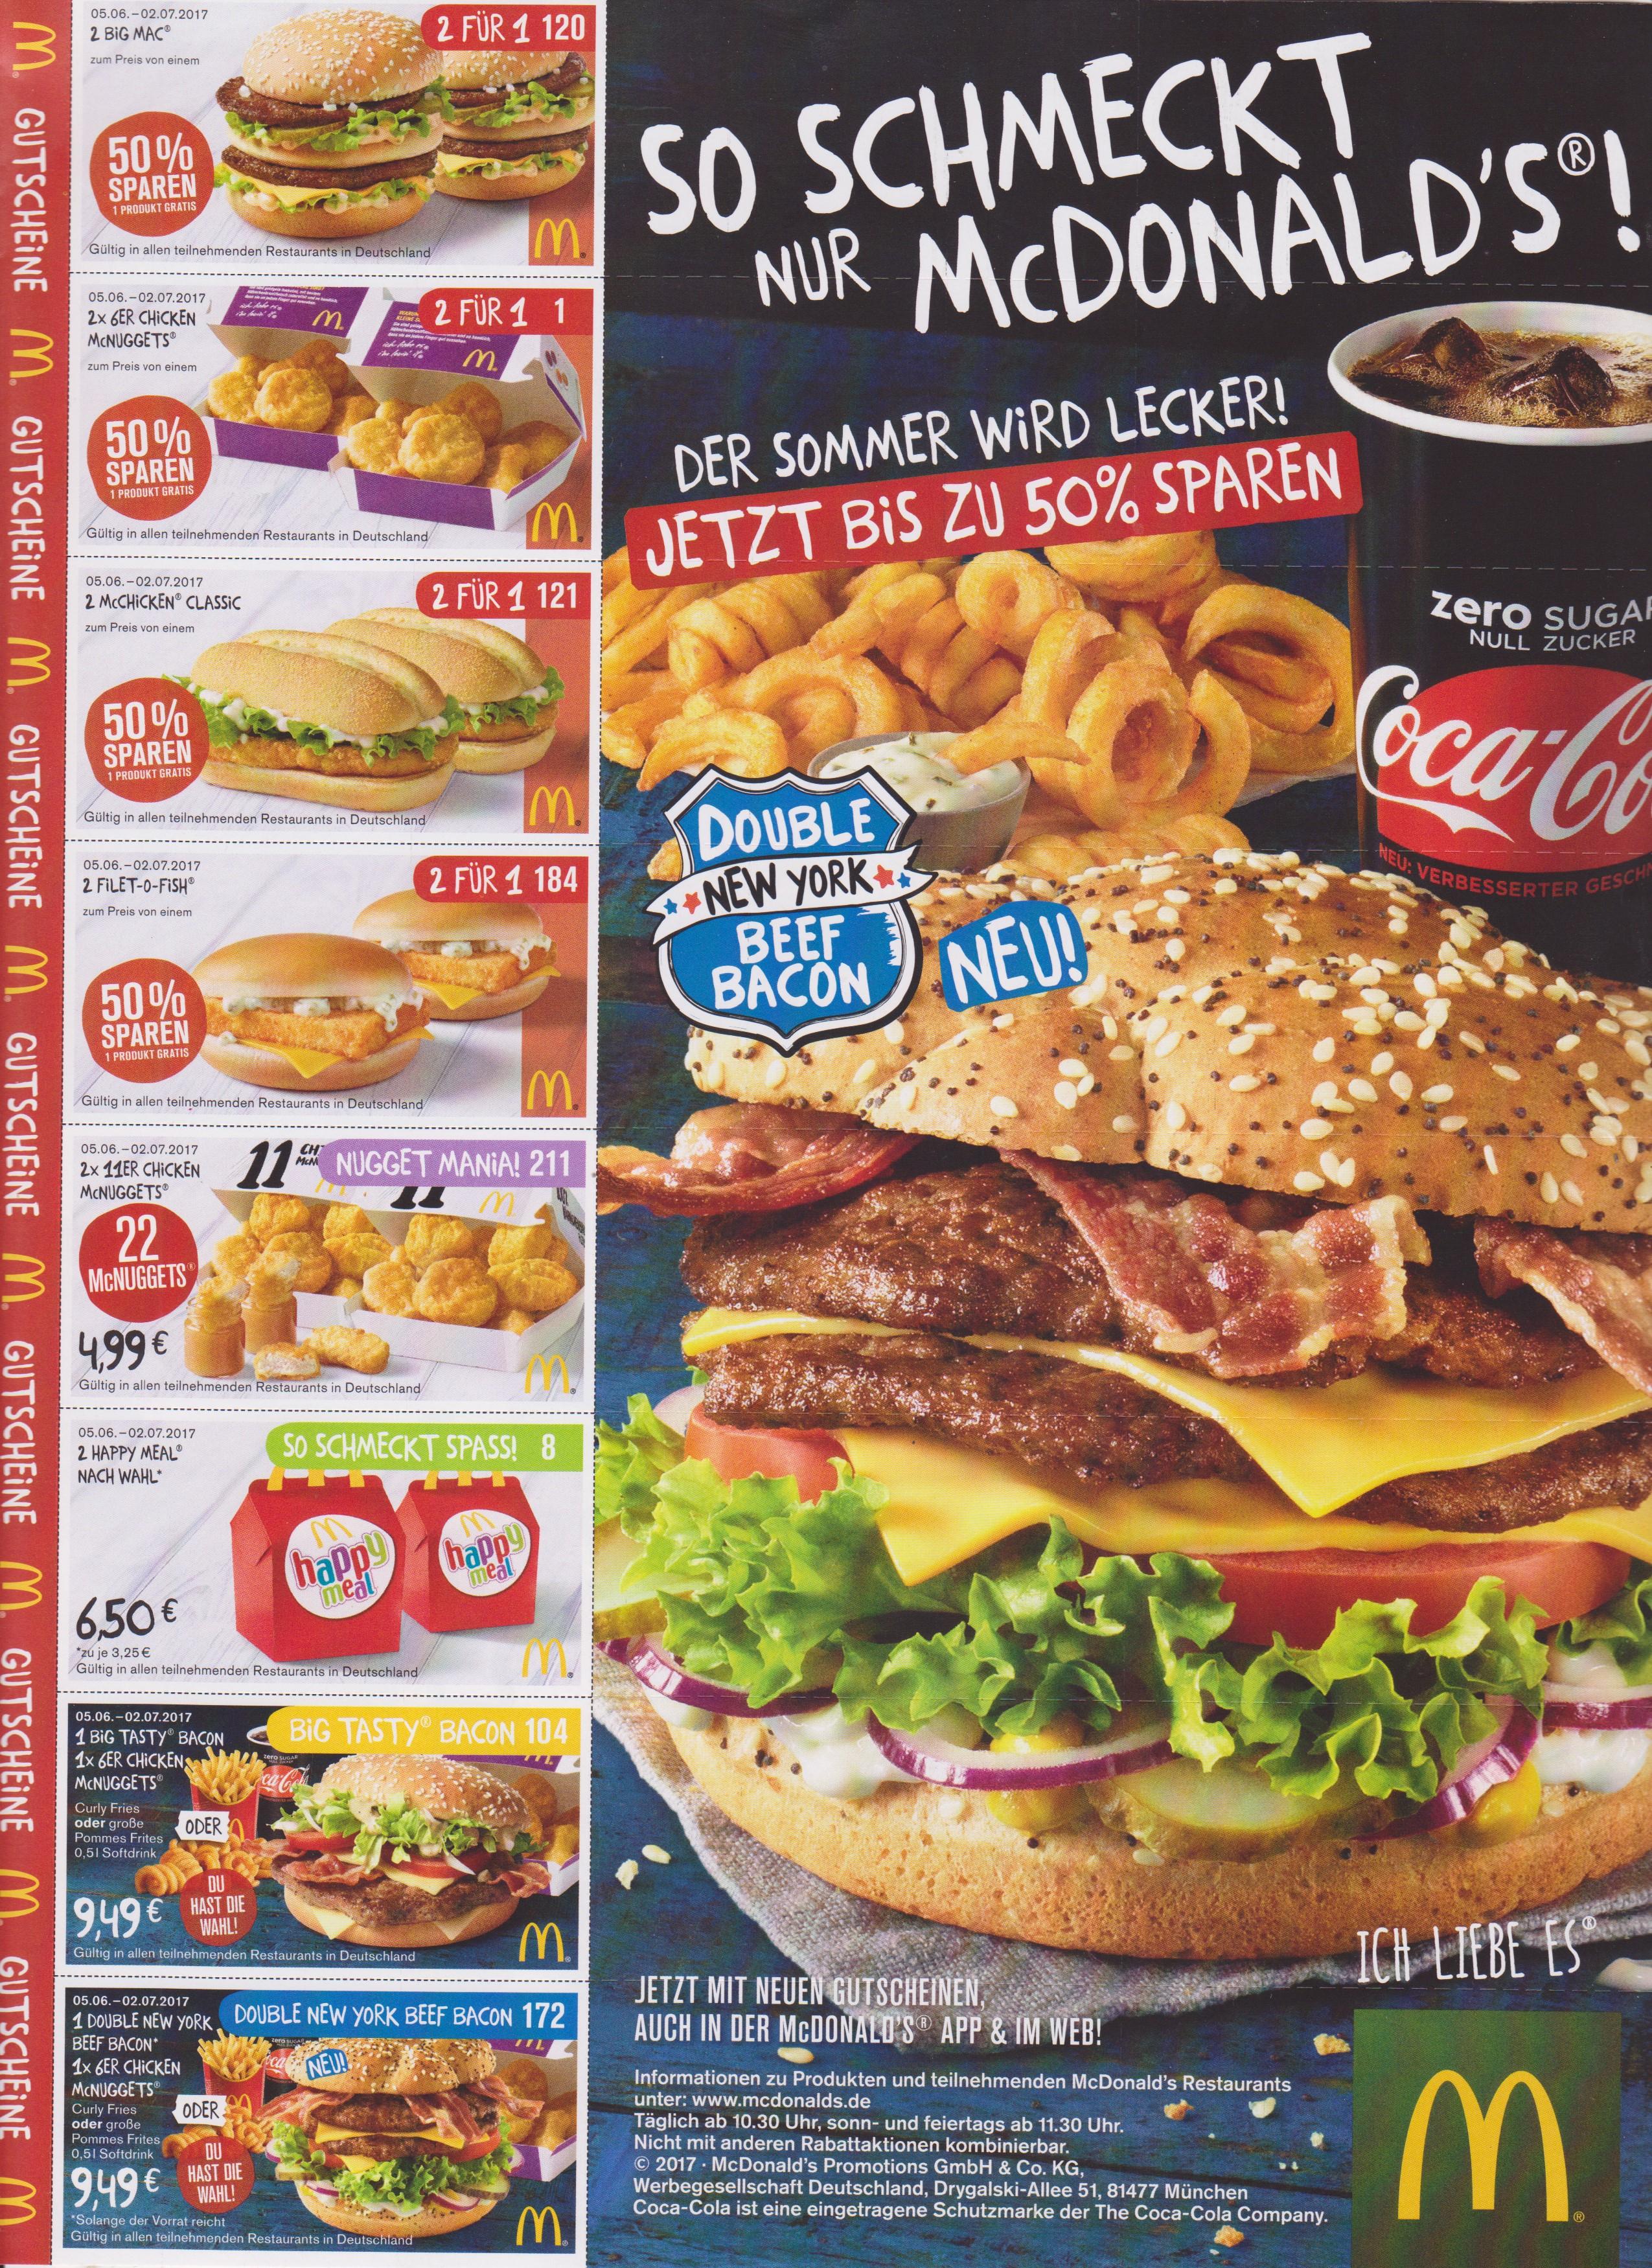 McDonalds Gutscheine bundesweit! Ab 05.06.